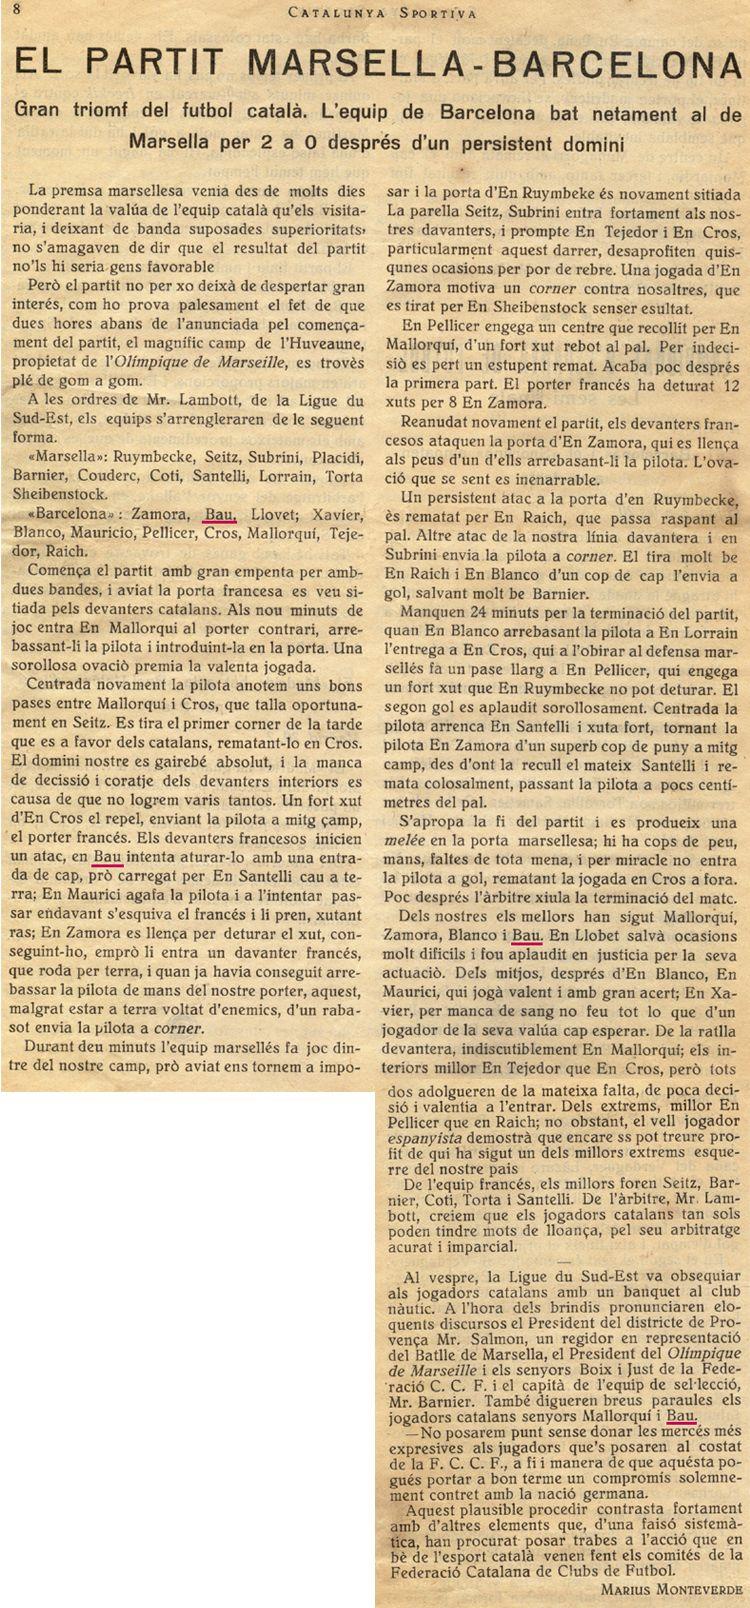 Abril 1922.Marsella 0 - Barcelona 2. Bau juga al costat de Zamora amb la selecció de Barcelona.